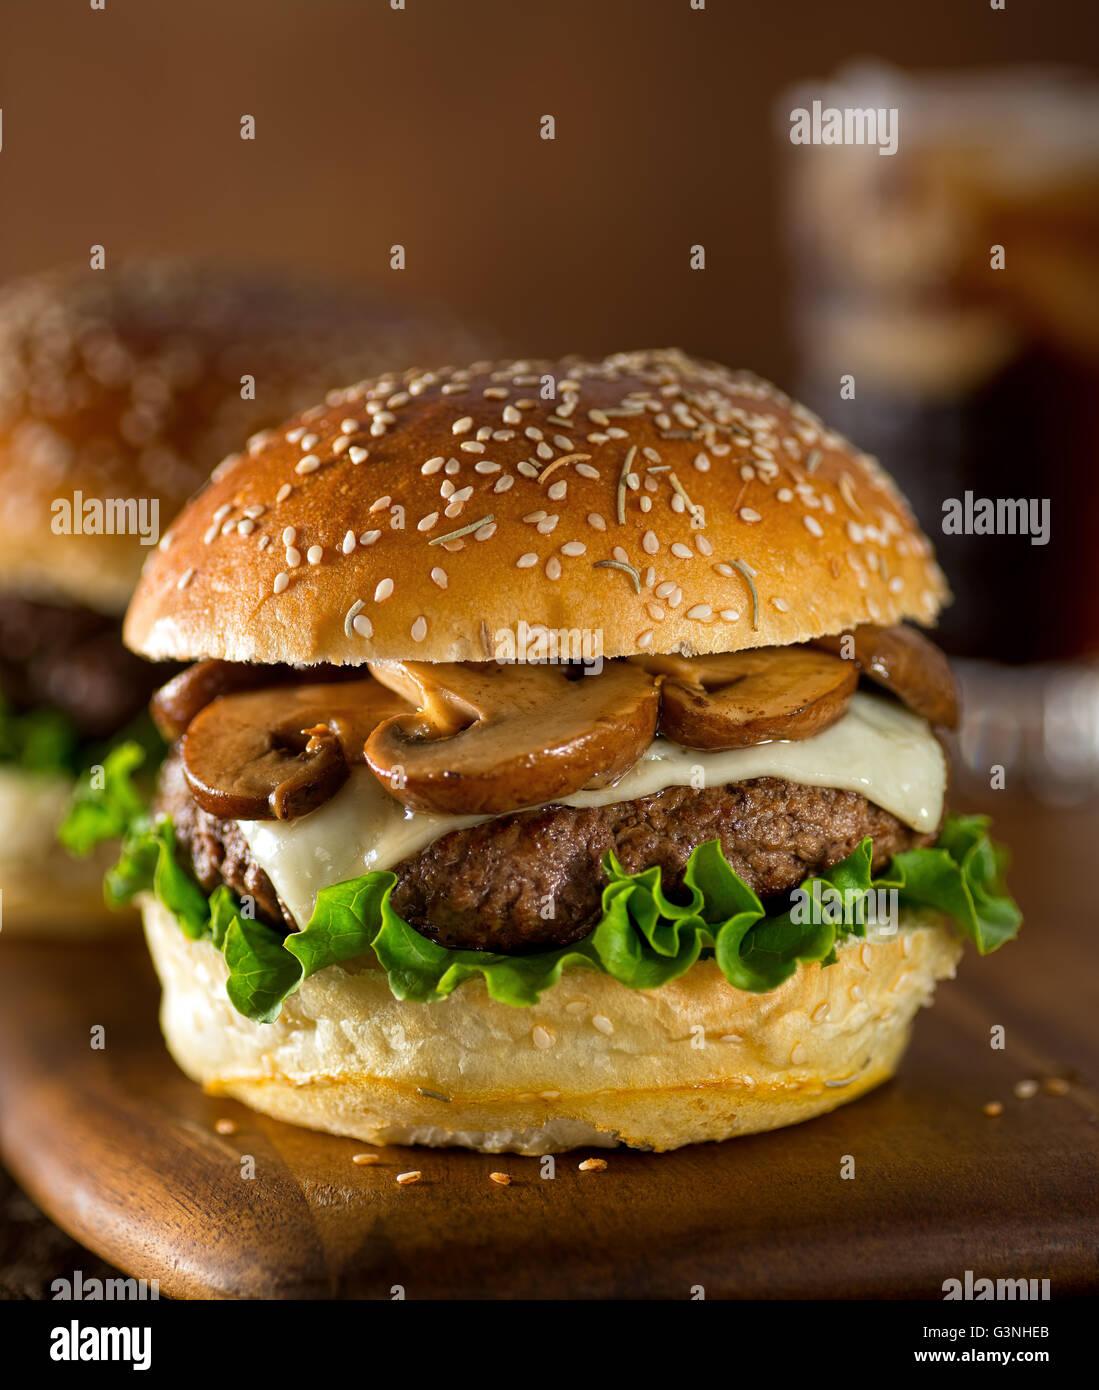 Ein köstliches Gourmet-Hamburger mit Schweizer Käse und gebratenen Champignons auf ein Rosmarin Sesam Stockbild